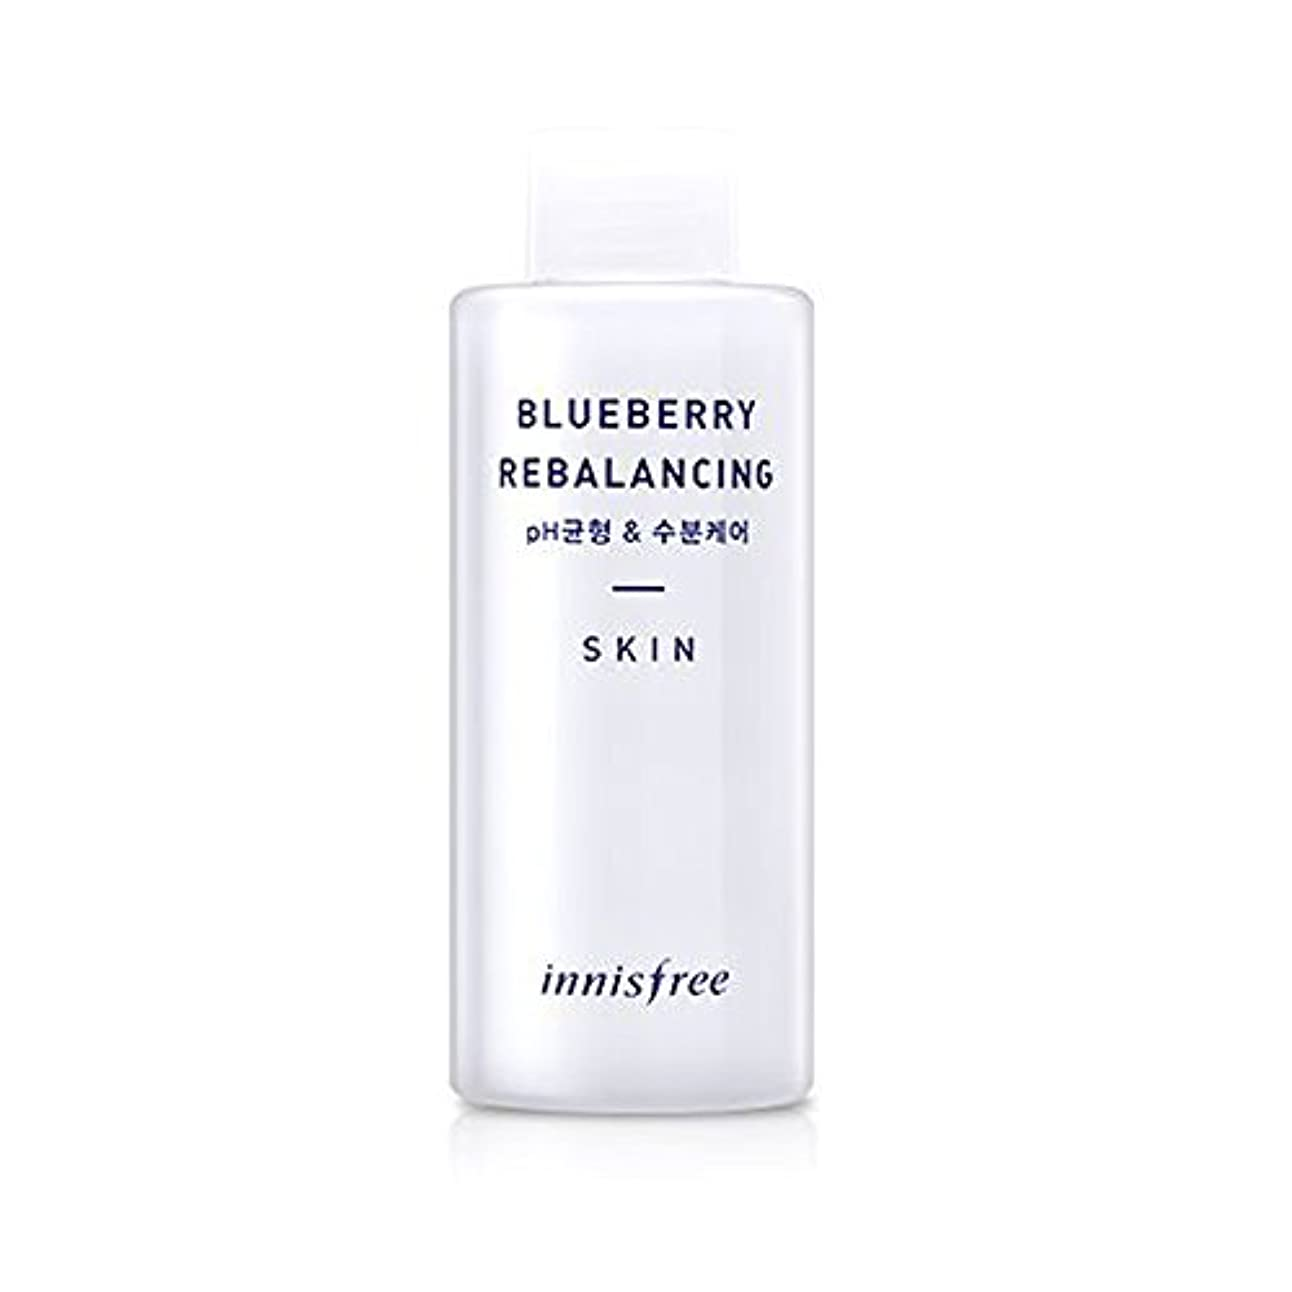 備品論争広告主[イニスプリー]Innisfree ブルーベリーリバランシングスキン(150ml)  Innisfree Blueberry Rebalancing Skin (150ml) [海外直送品]